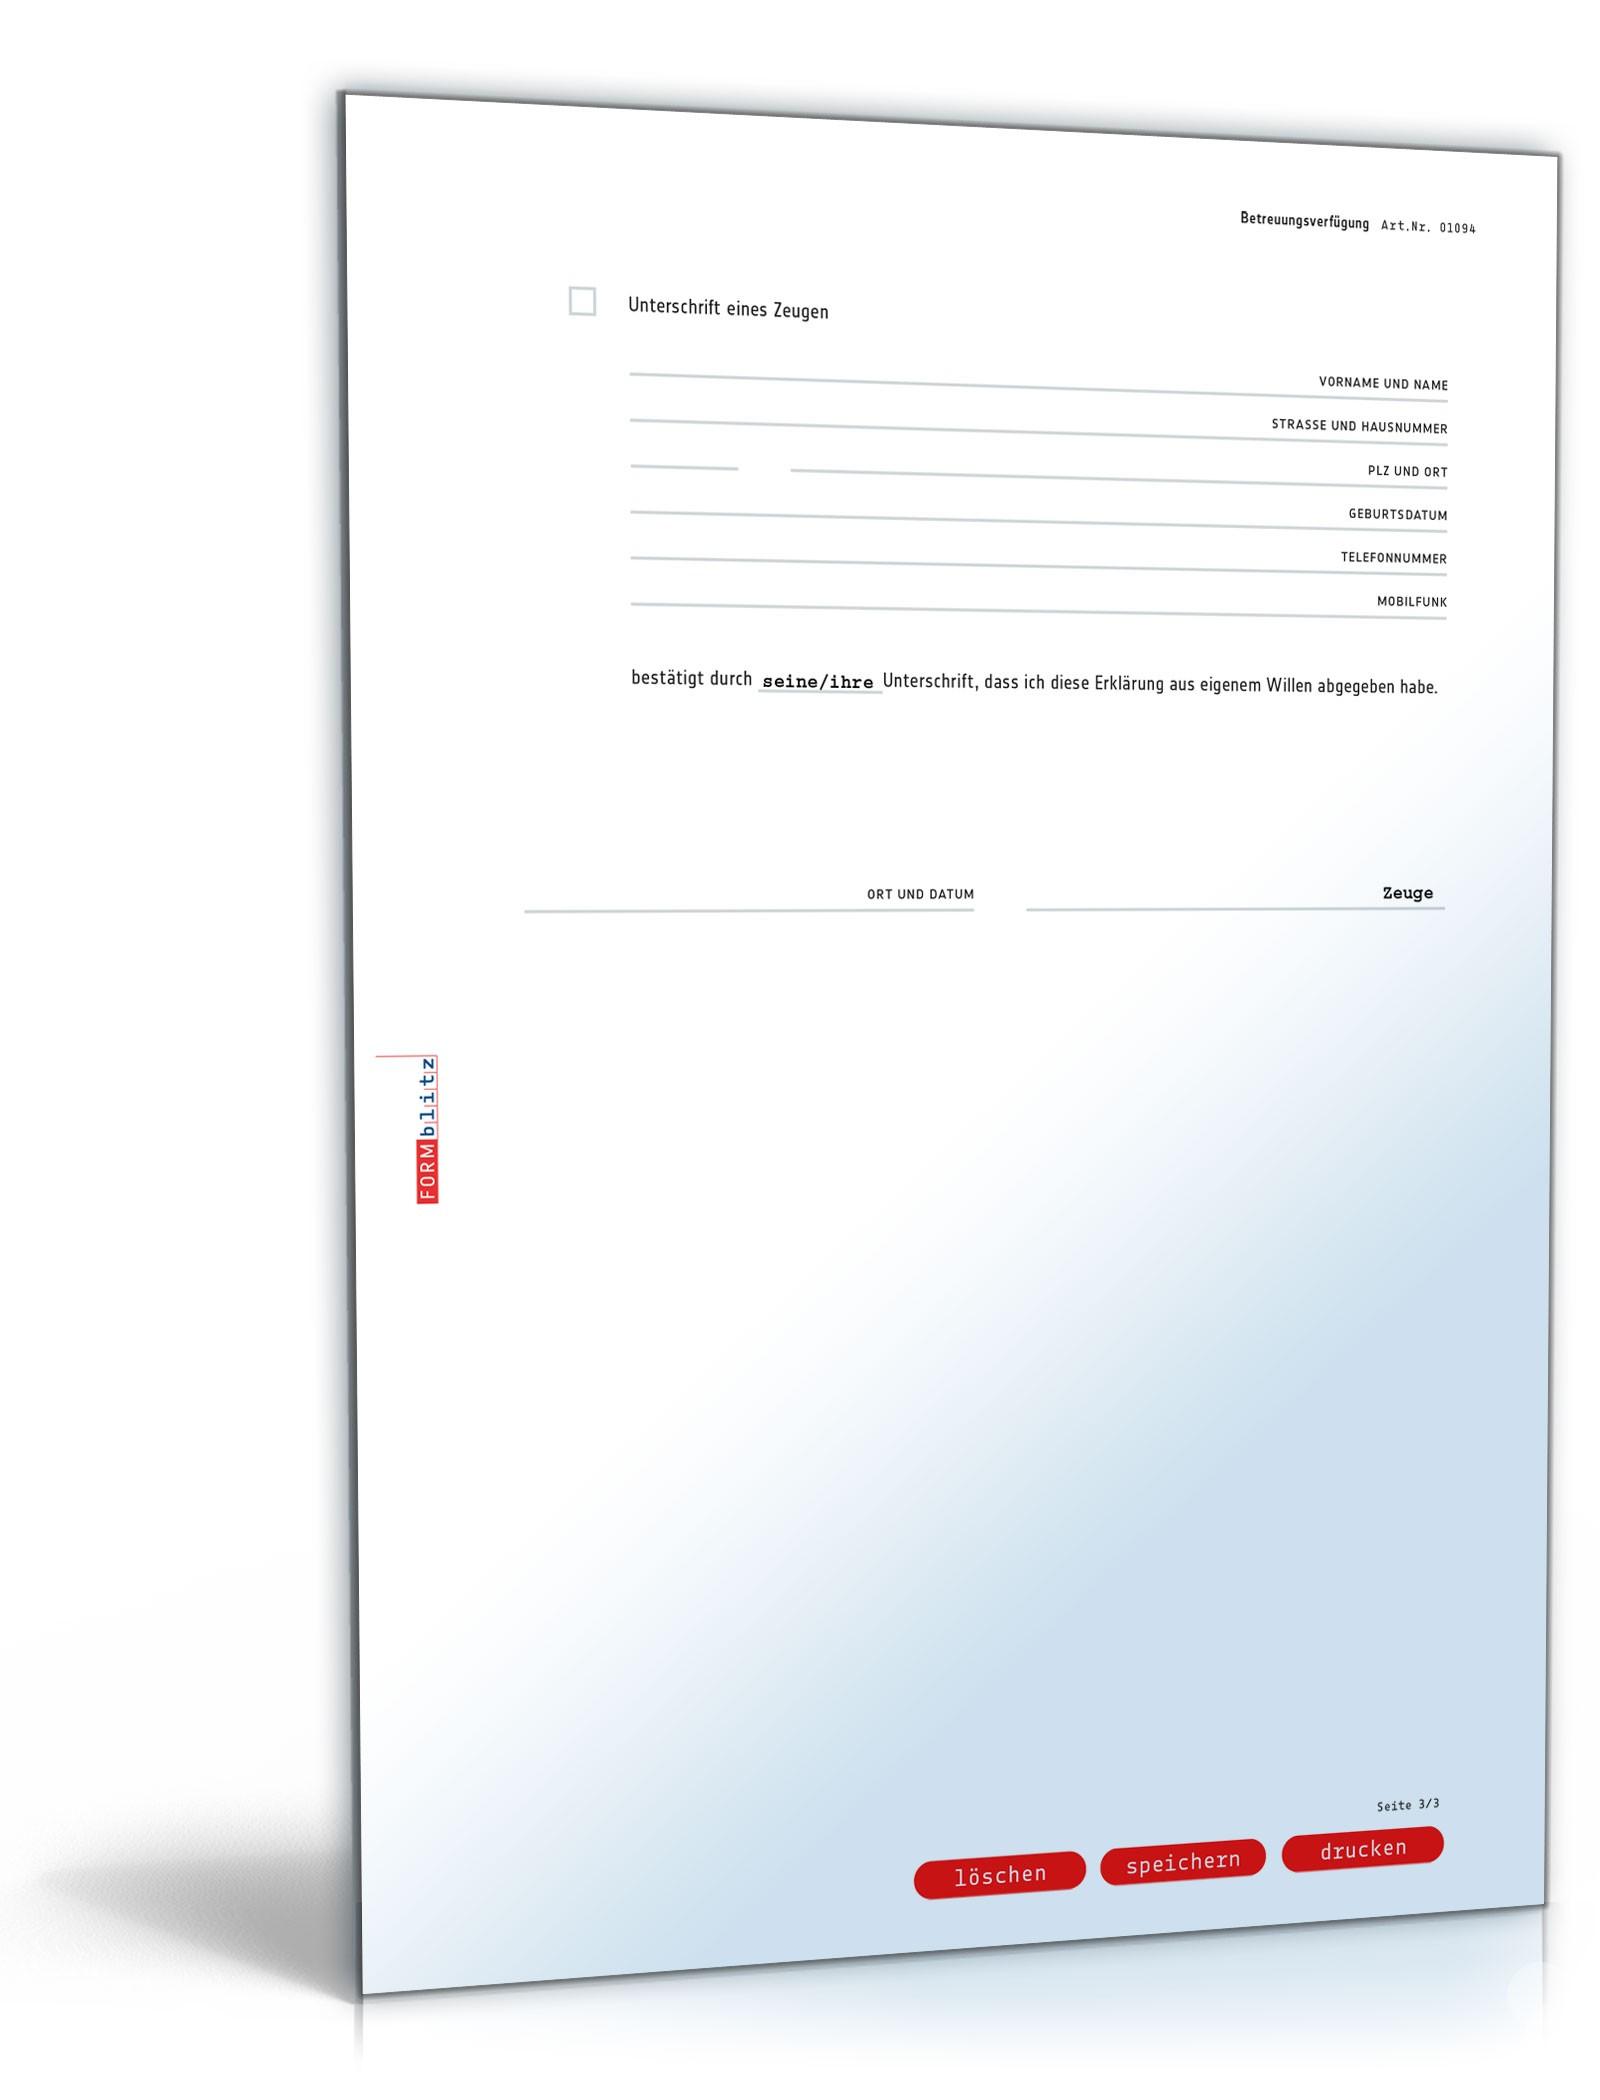 Einfache Betreuungsverfügung Vorlage Zum Download